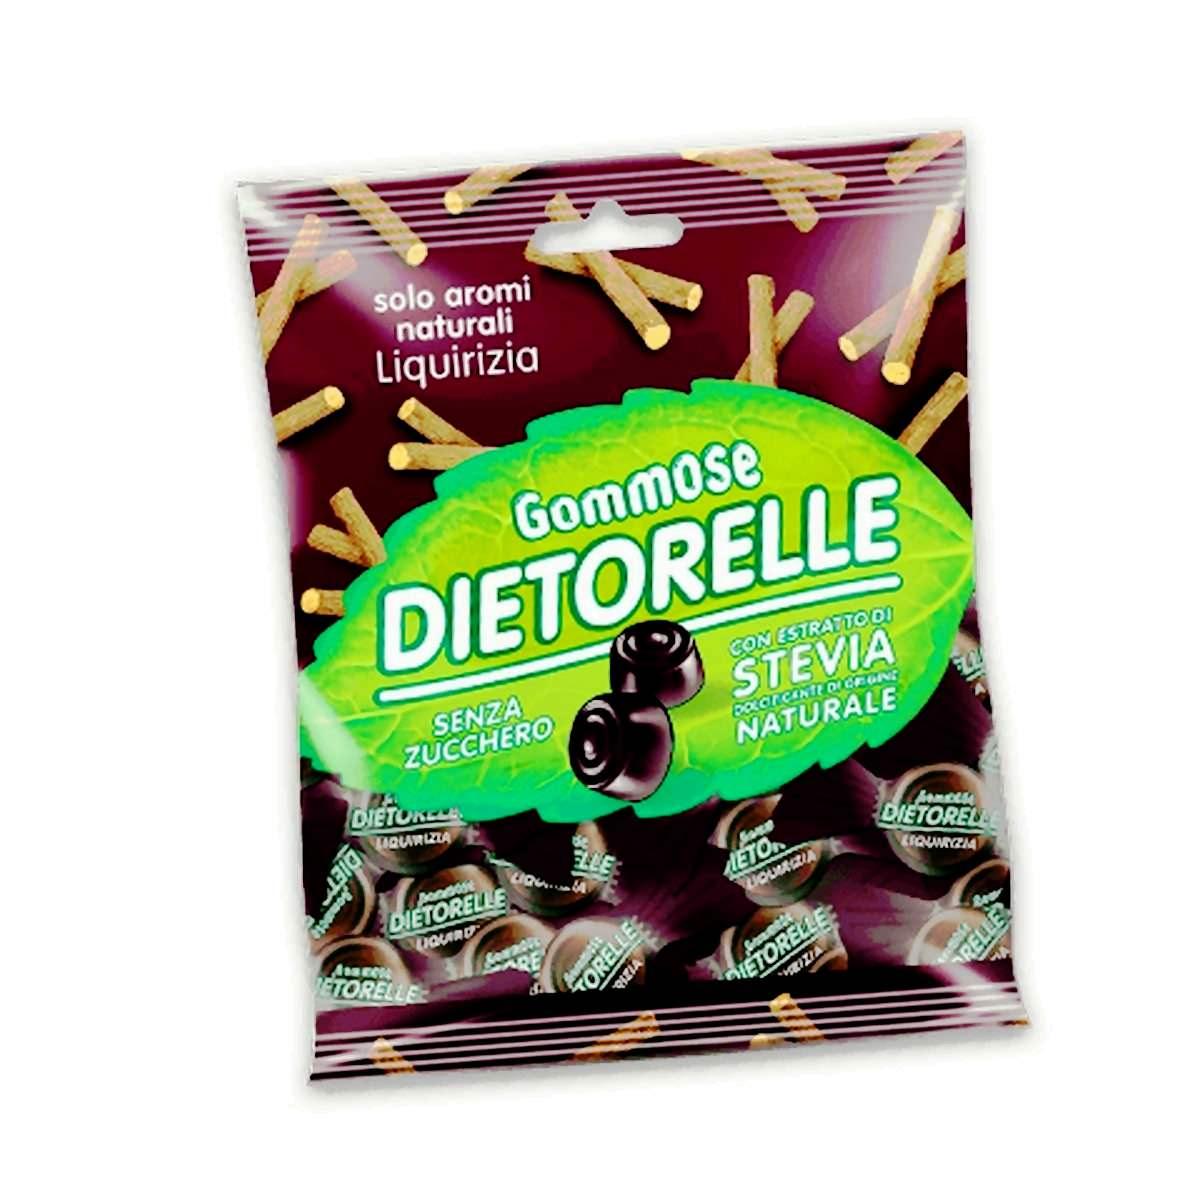 dietorelle caramelle estratto di stevia nelle caramelle senza zucchero